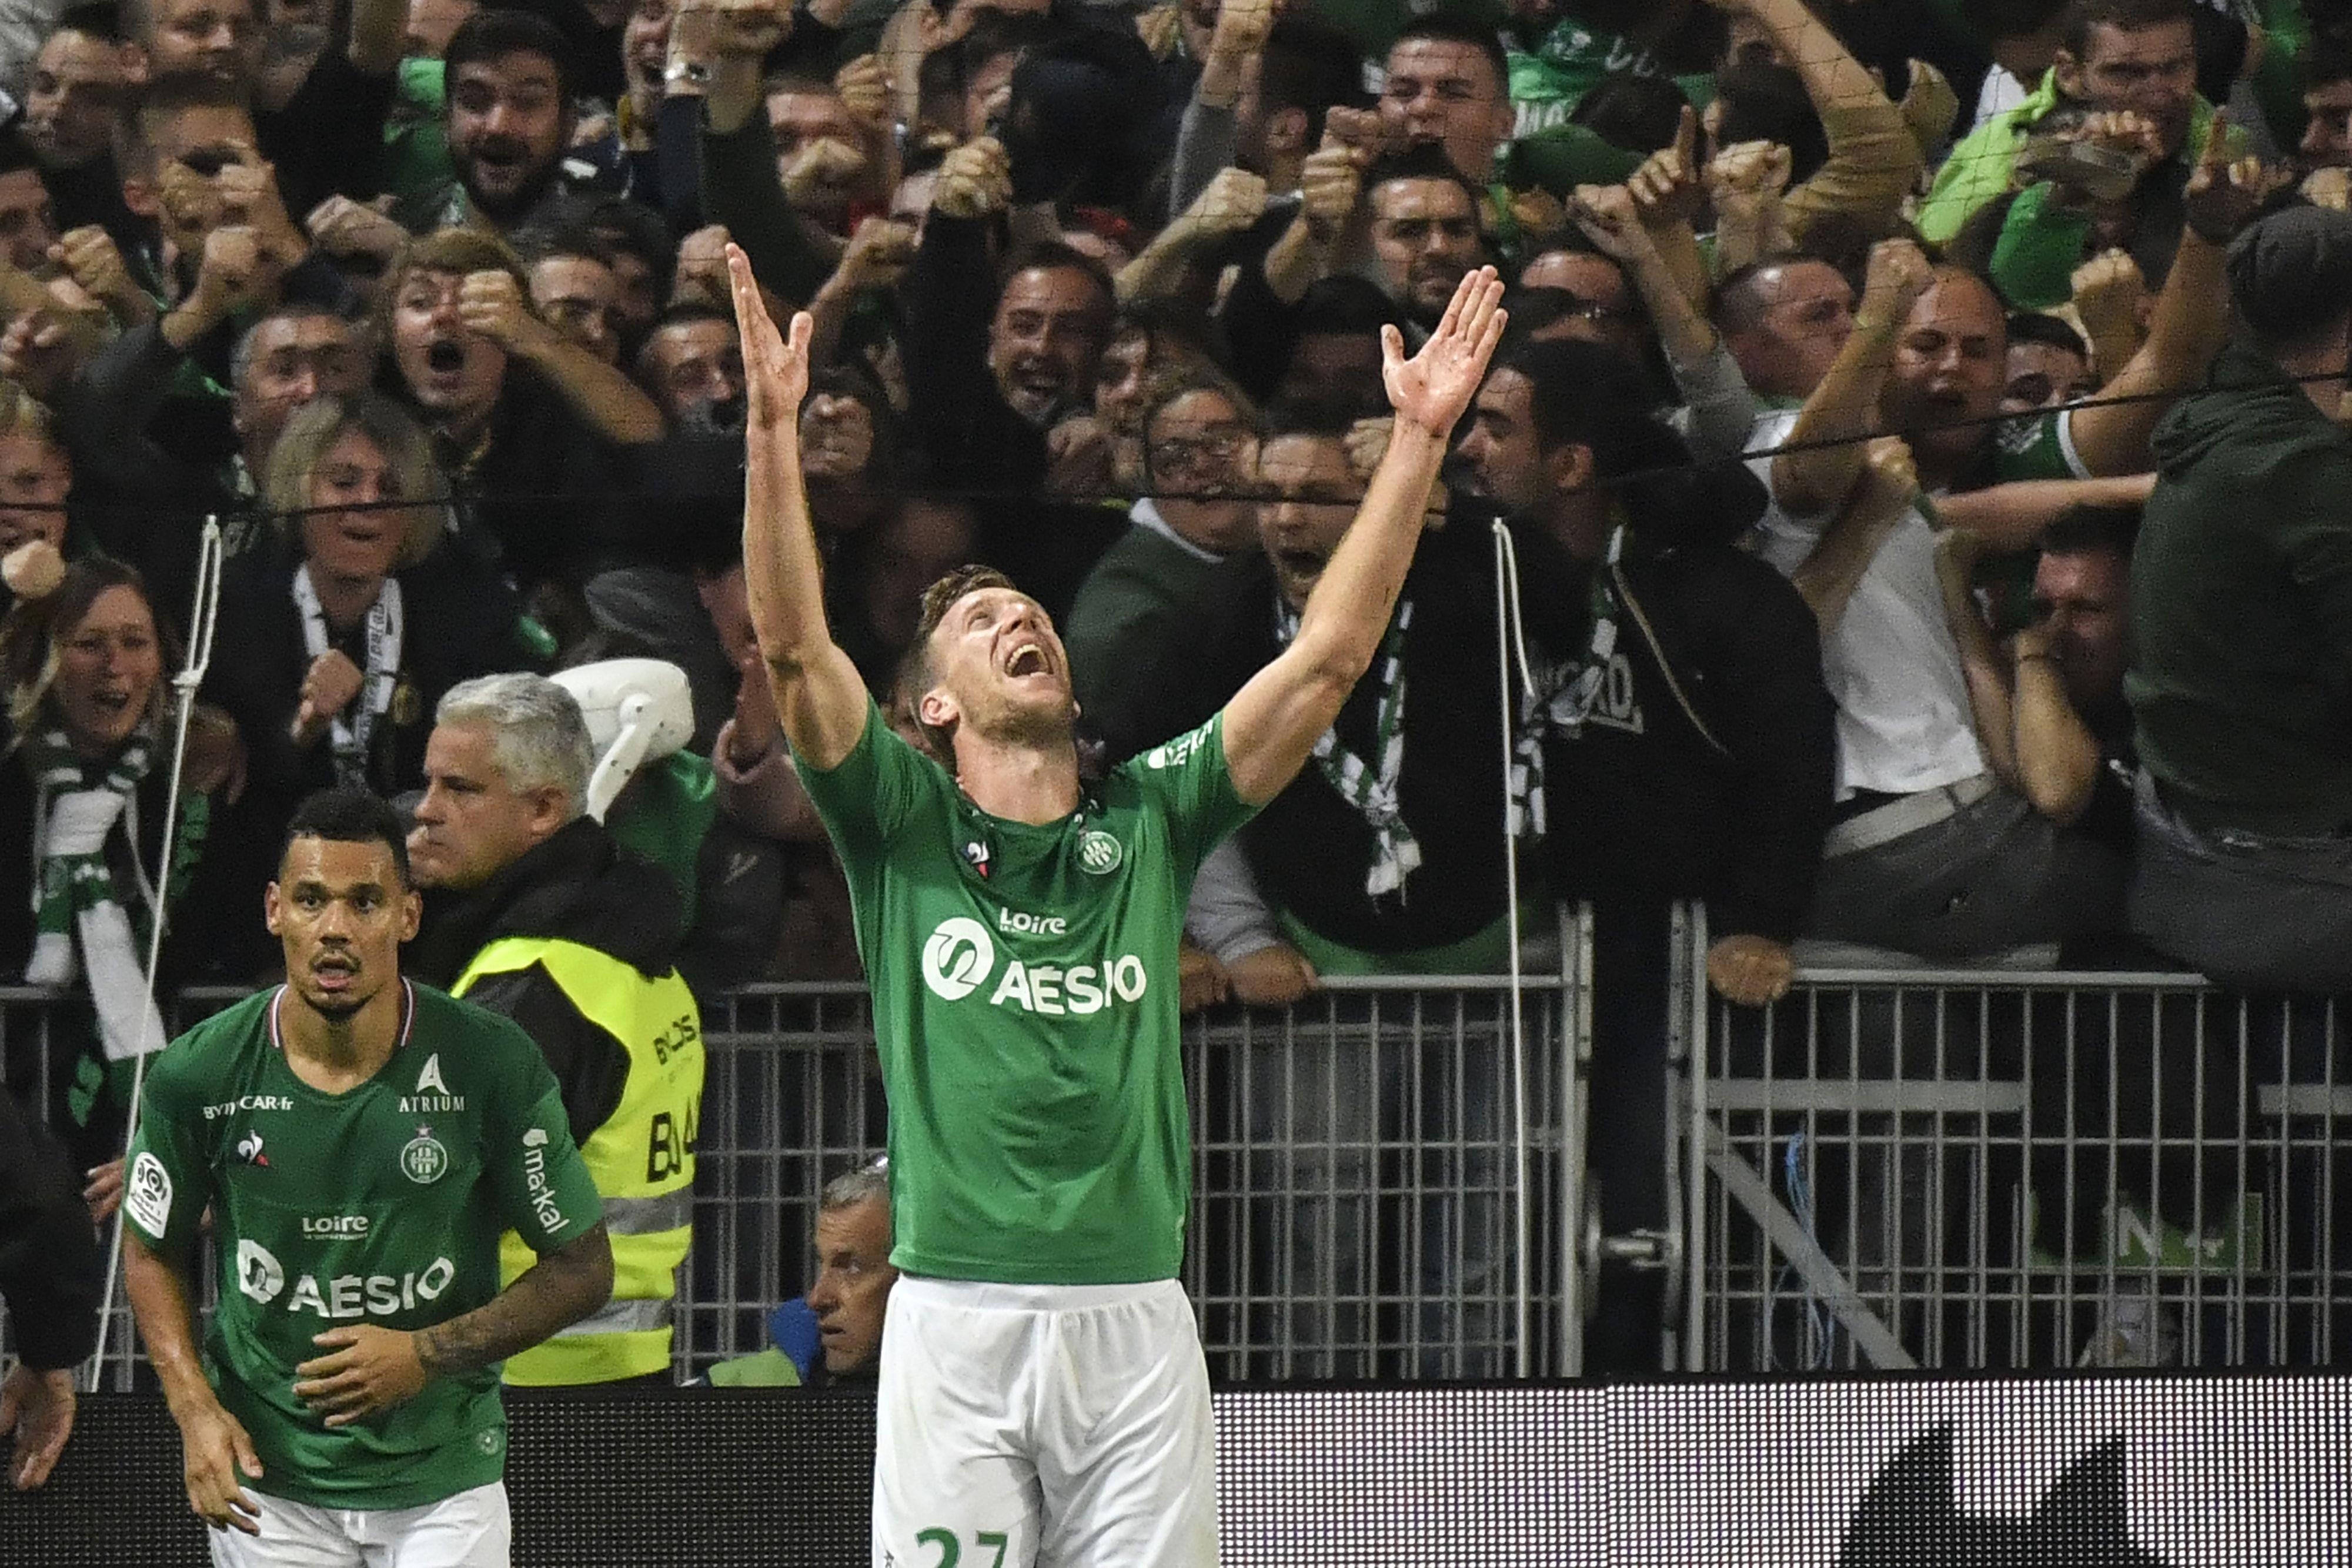 Saint-Etienne - Lyon (1-0), Beric libère les Verts dans le derby !